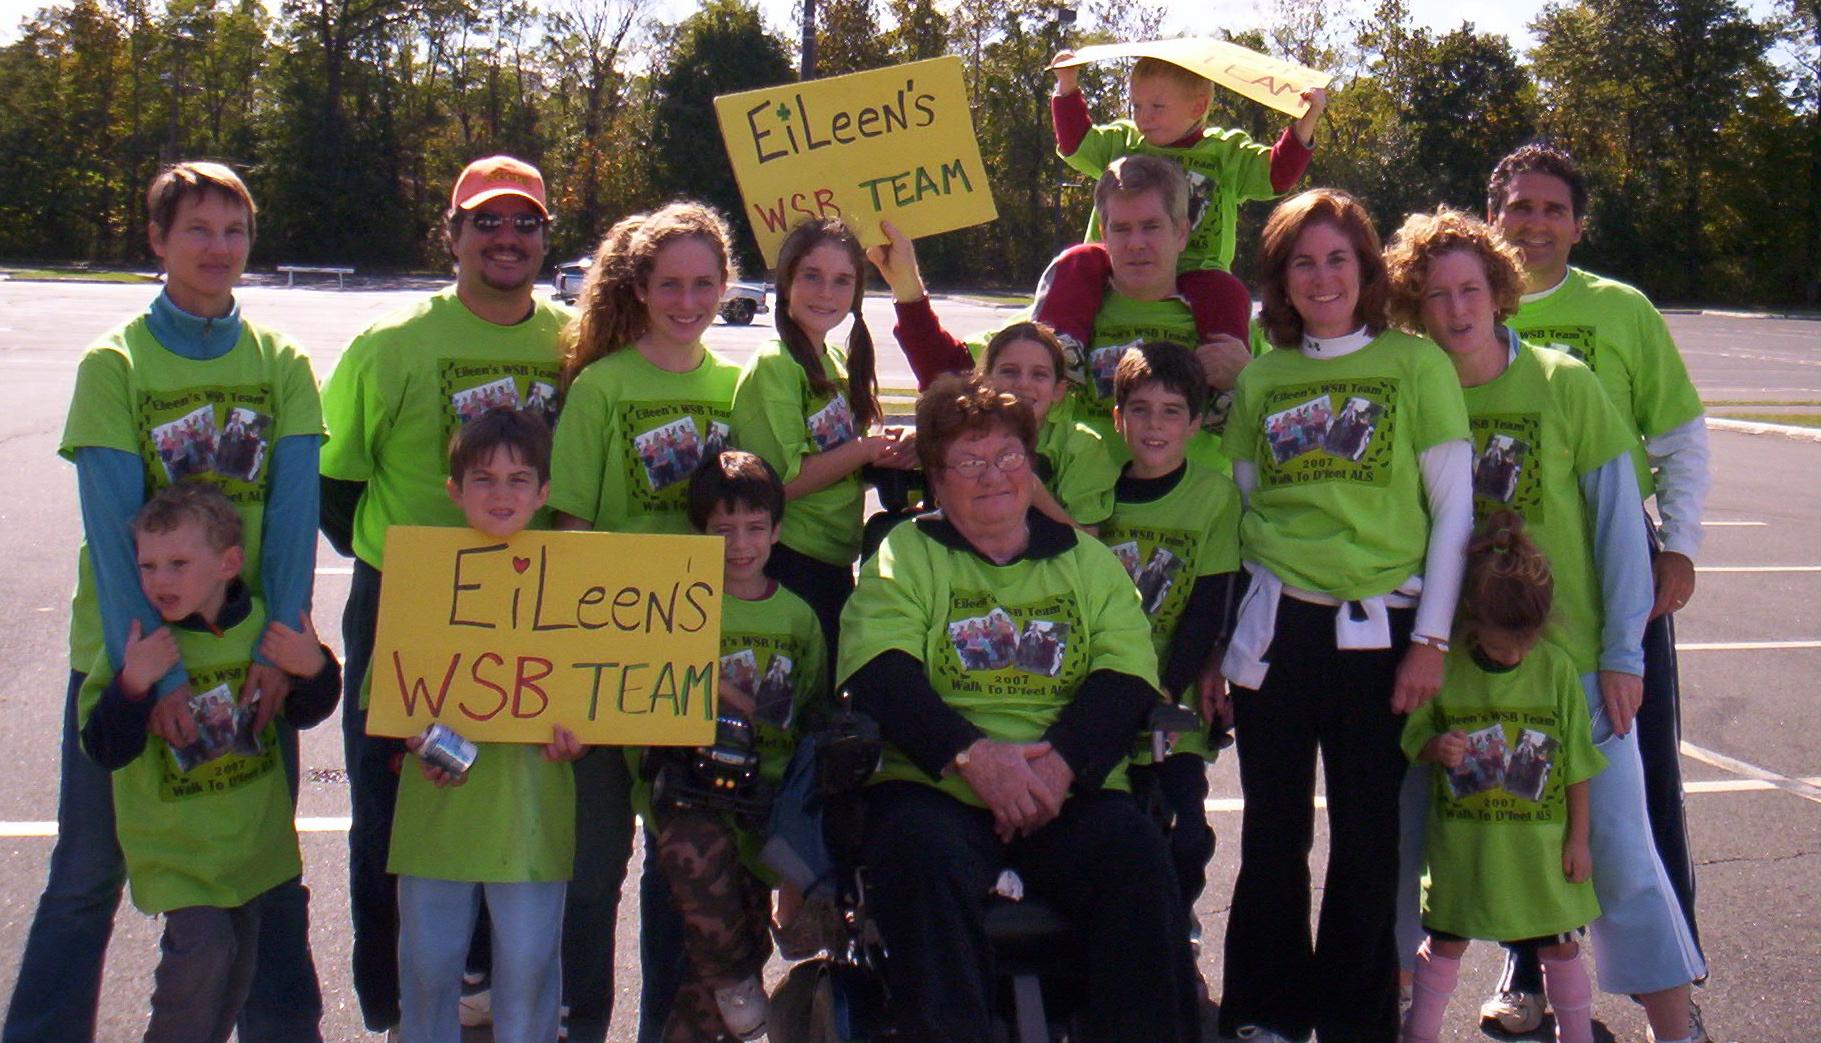 Eileen's Team WSB